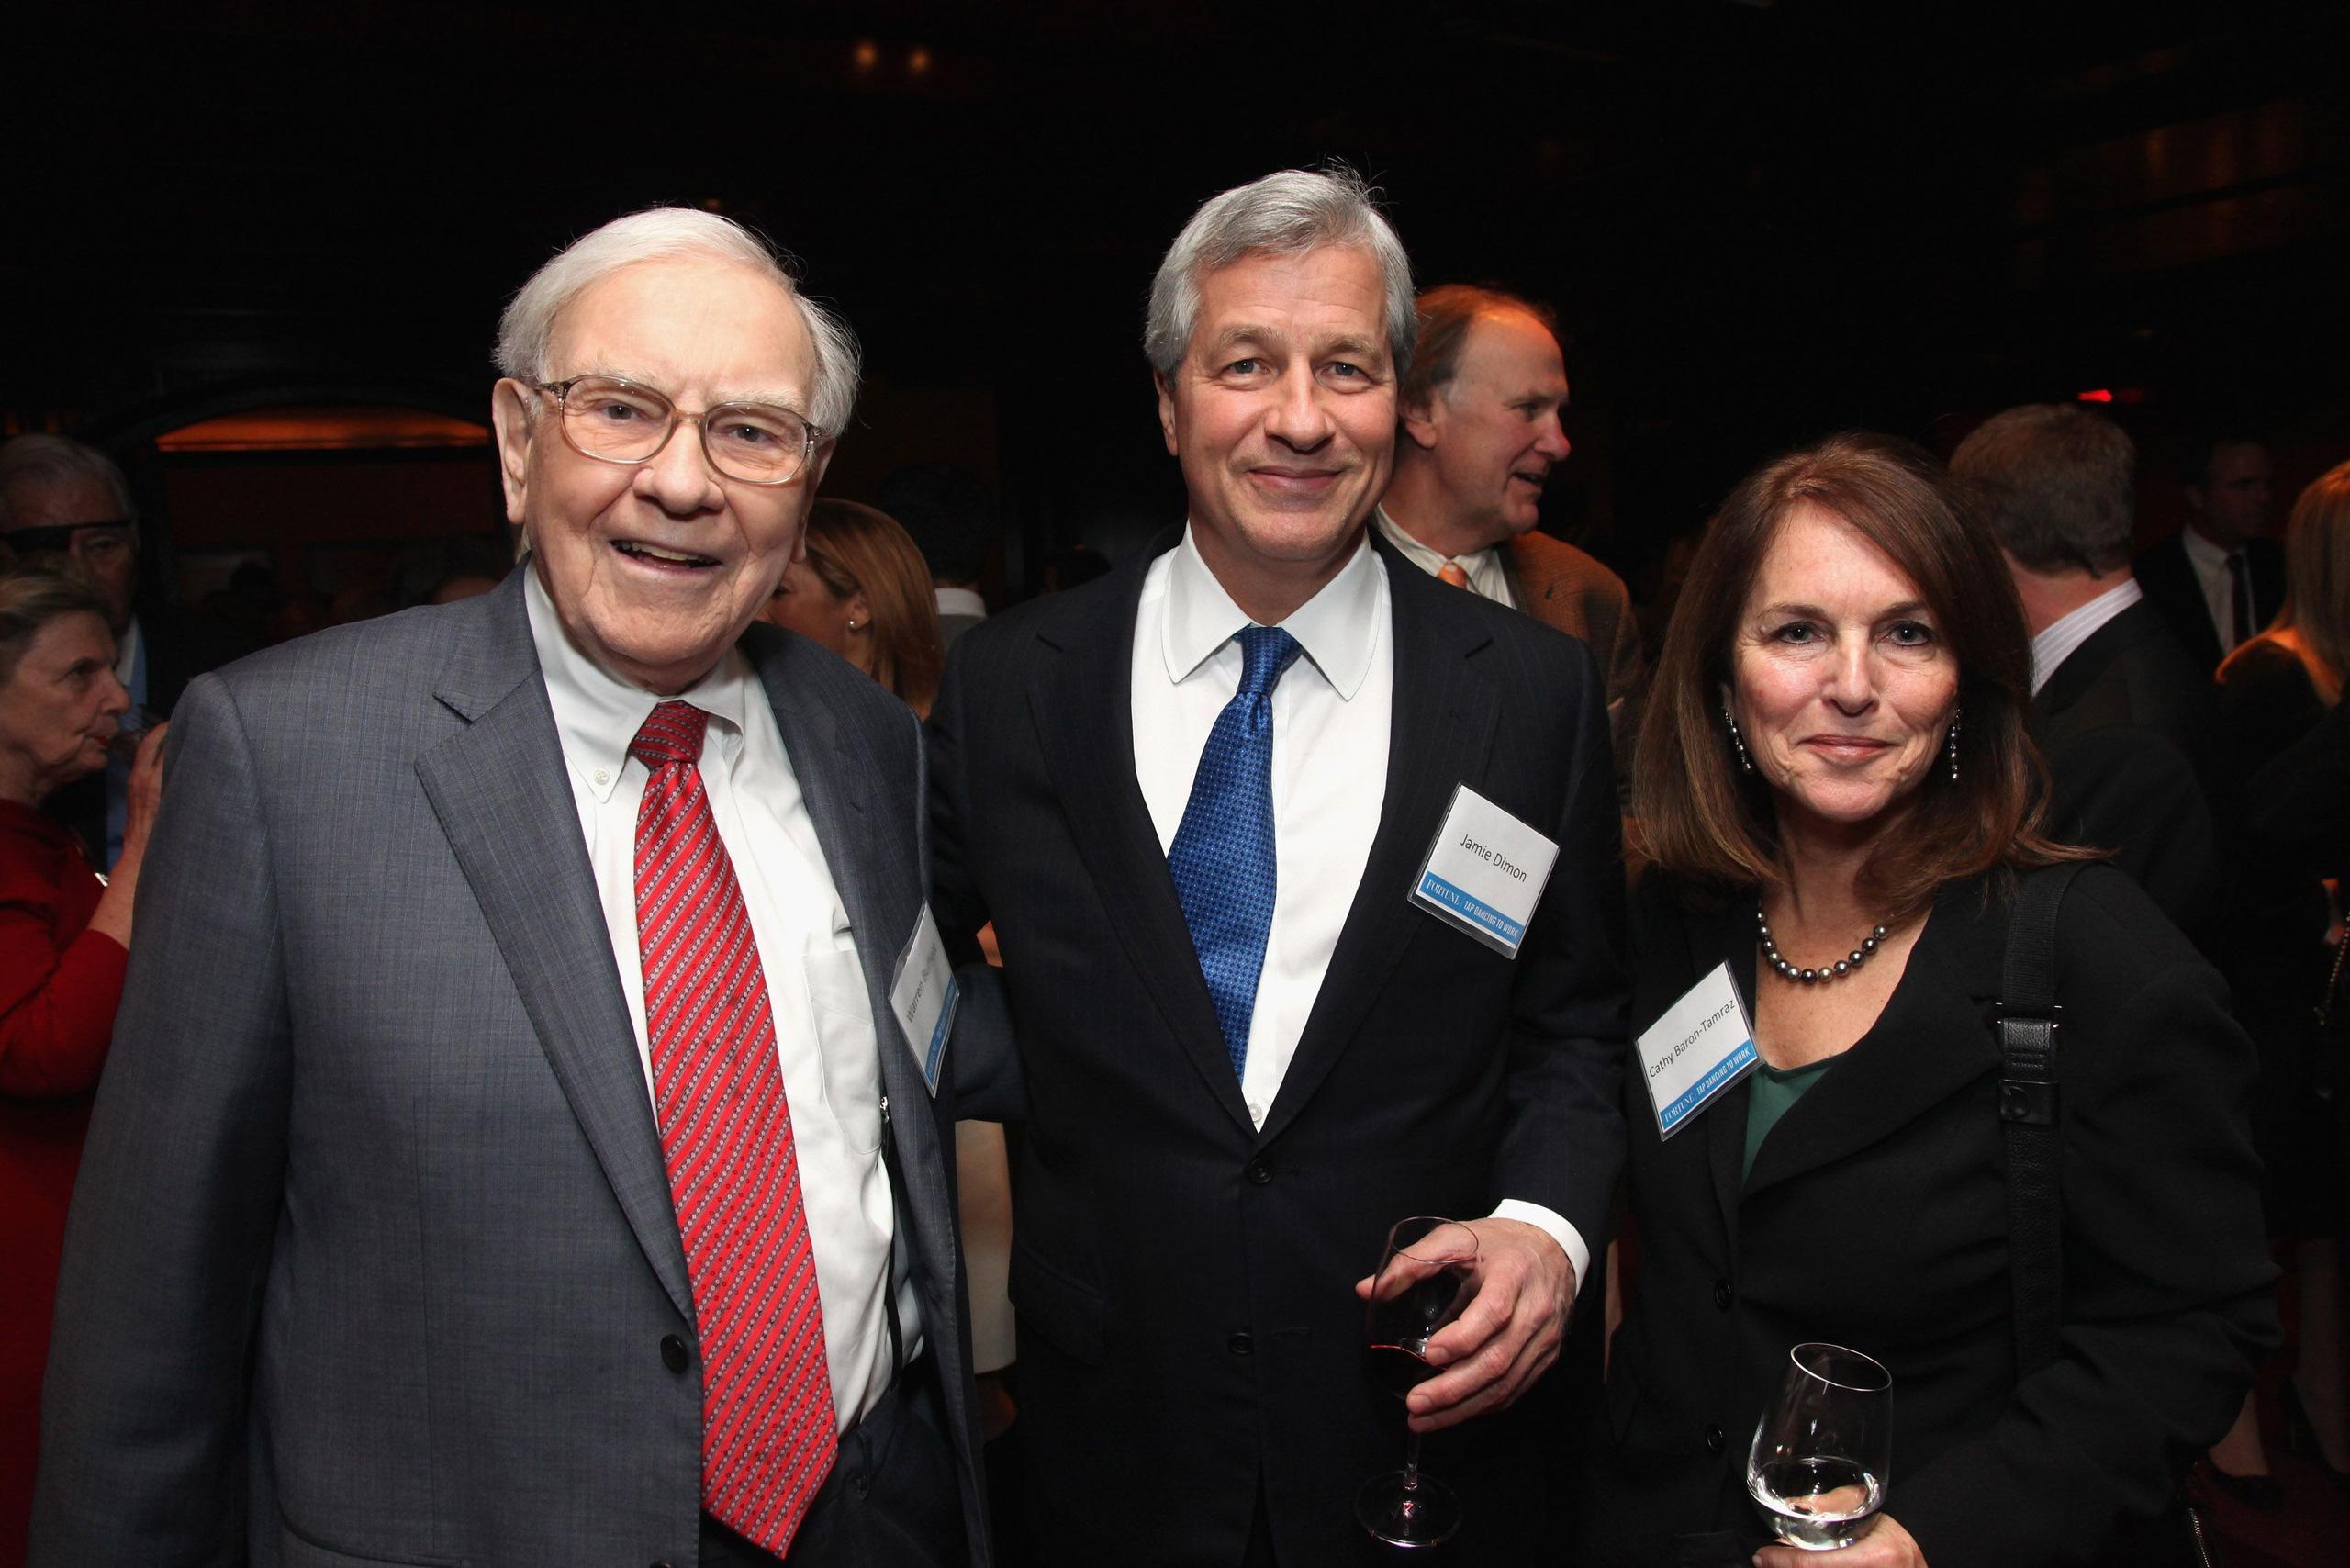 Lá thư gửi cổ đông tuyệt hay của một banker: Warren Buffett và Bill Gates truyền tay nhau xem rồi khen tấm tắc - Ảnh 1.